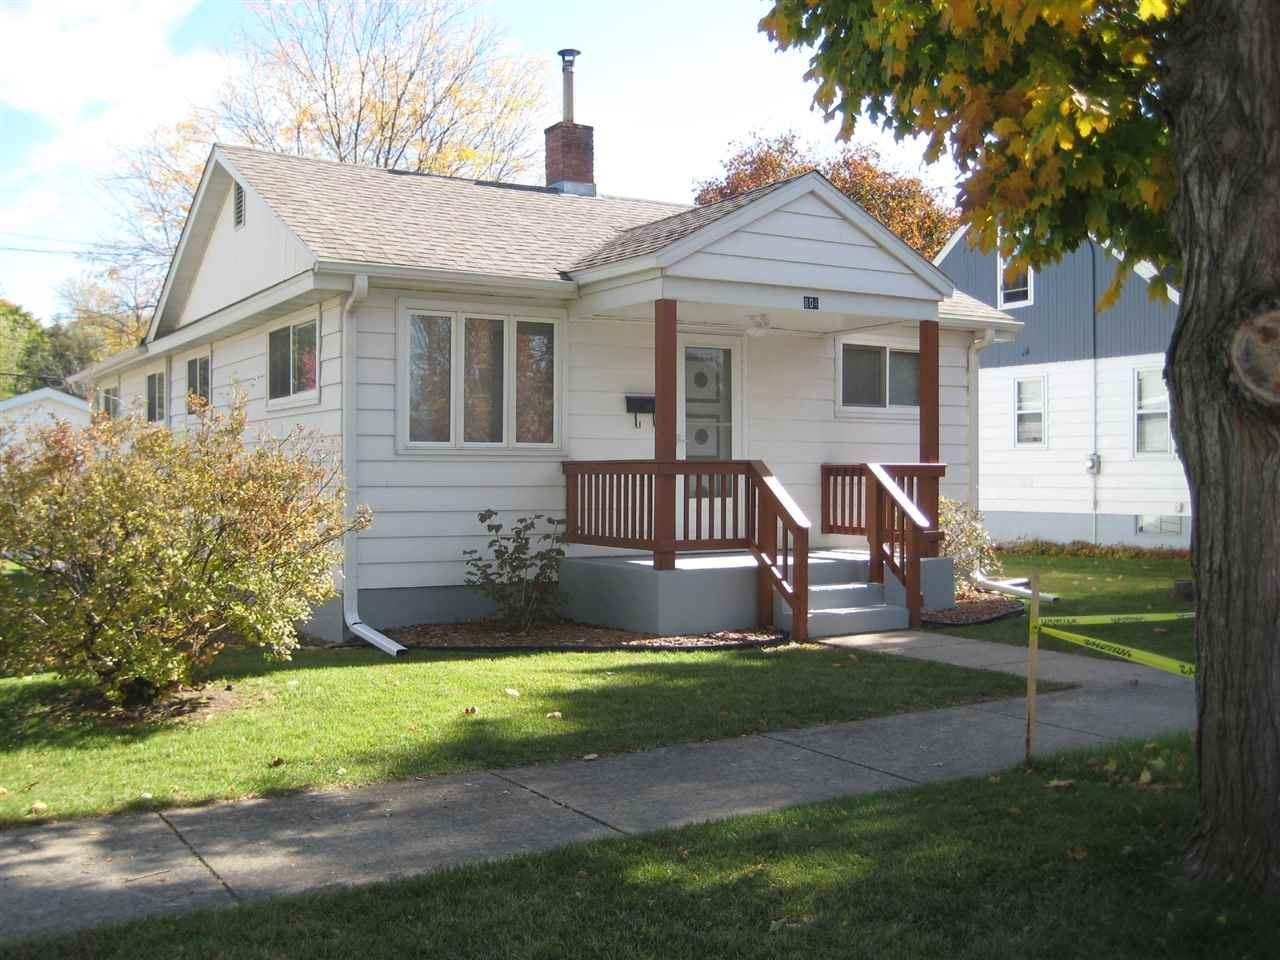 804 N Wacouta Ave, Prairie du Chien, WI 53821 - #: 1896182